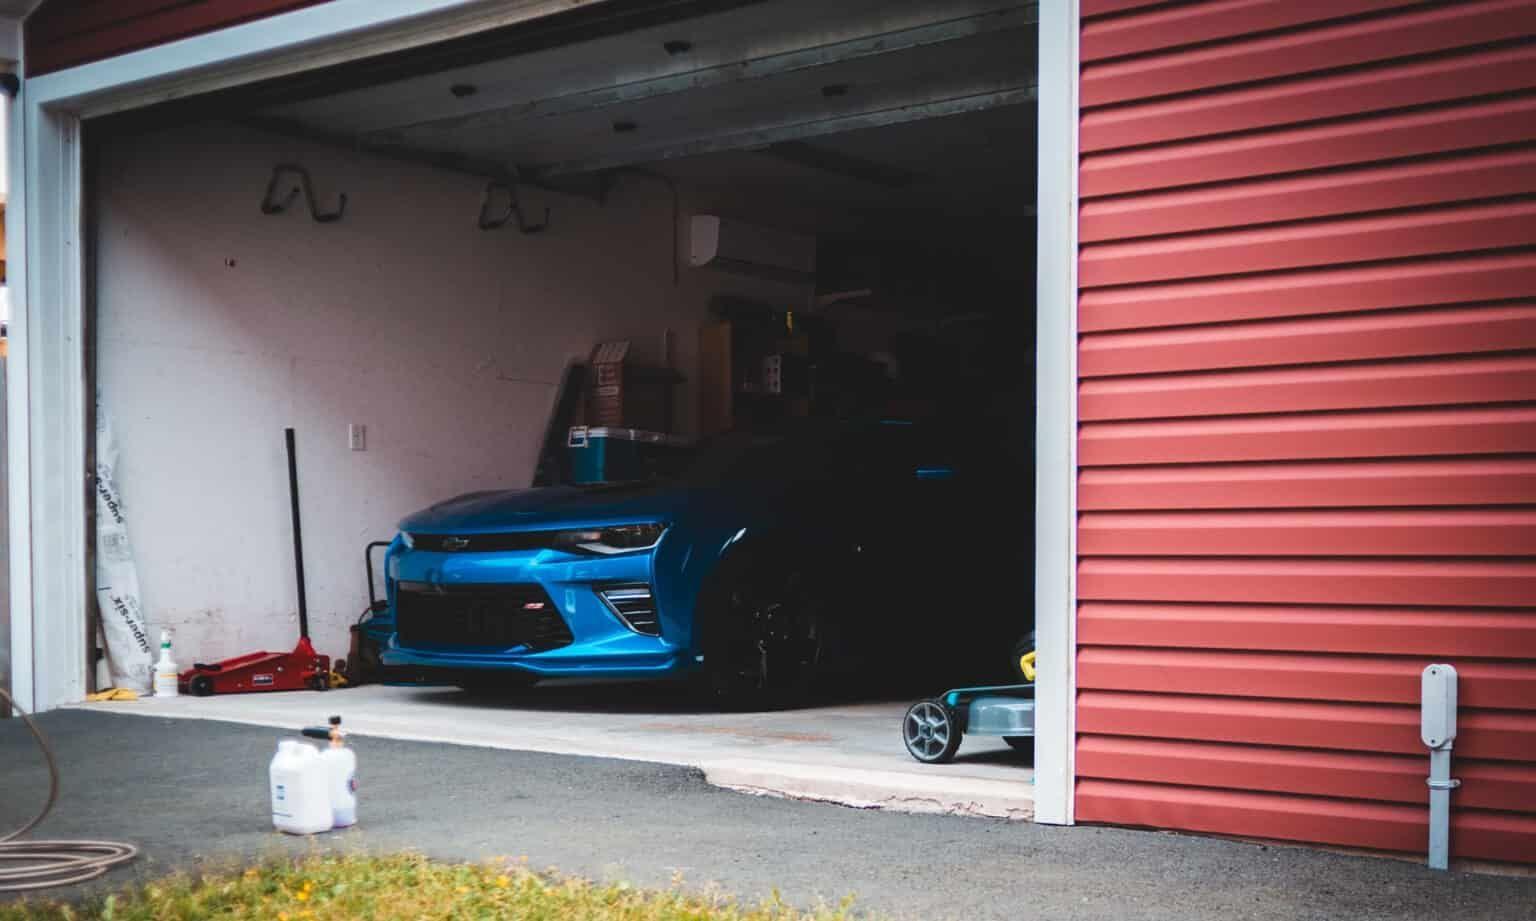 5 Tips For Designing A New Garage In 2020 Garage Door Repair Spring Concrete Decor Garage Door Installation